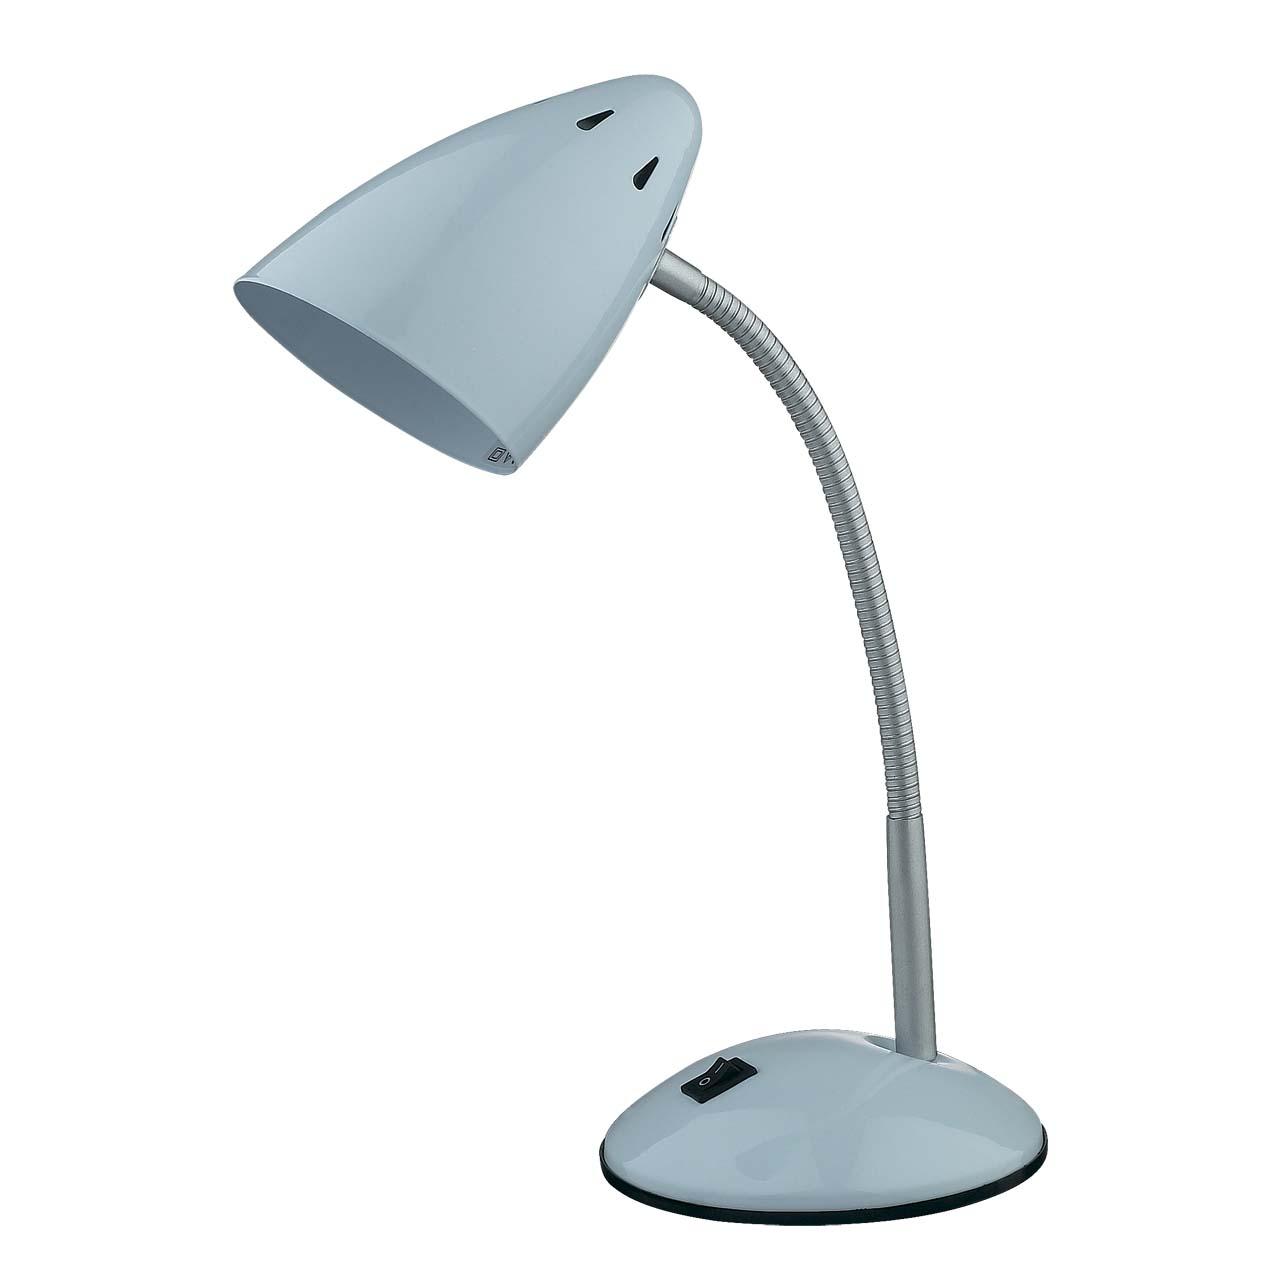 Лампа настольная Odeon light 2104/1t настольная лампа odeon light офисная luri 2327 1t